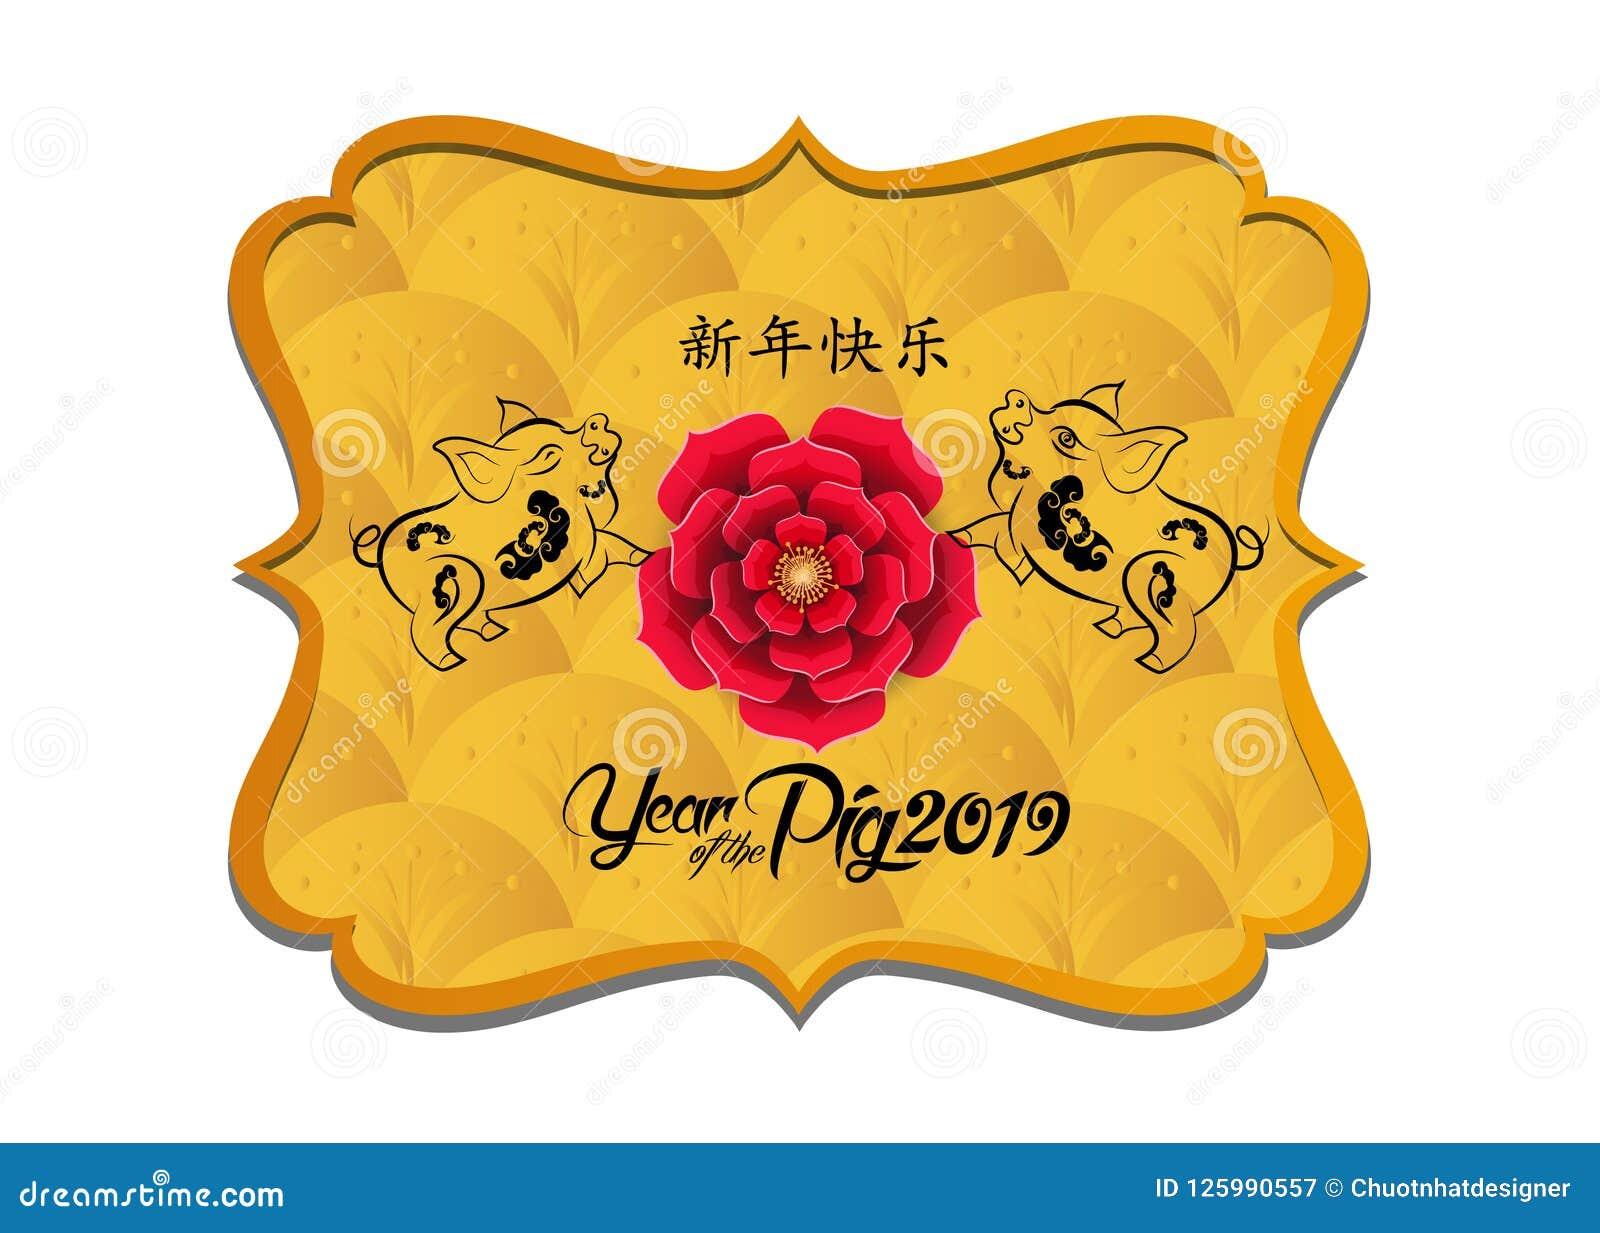 春节2019邮票背景 汉字卑鄙新年快乐 猪的年